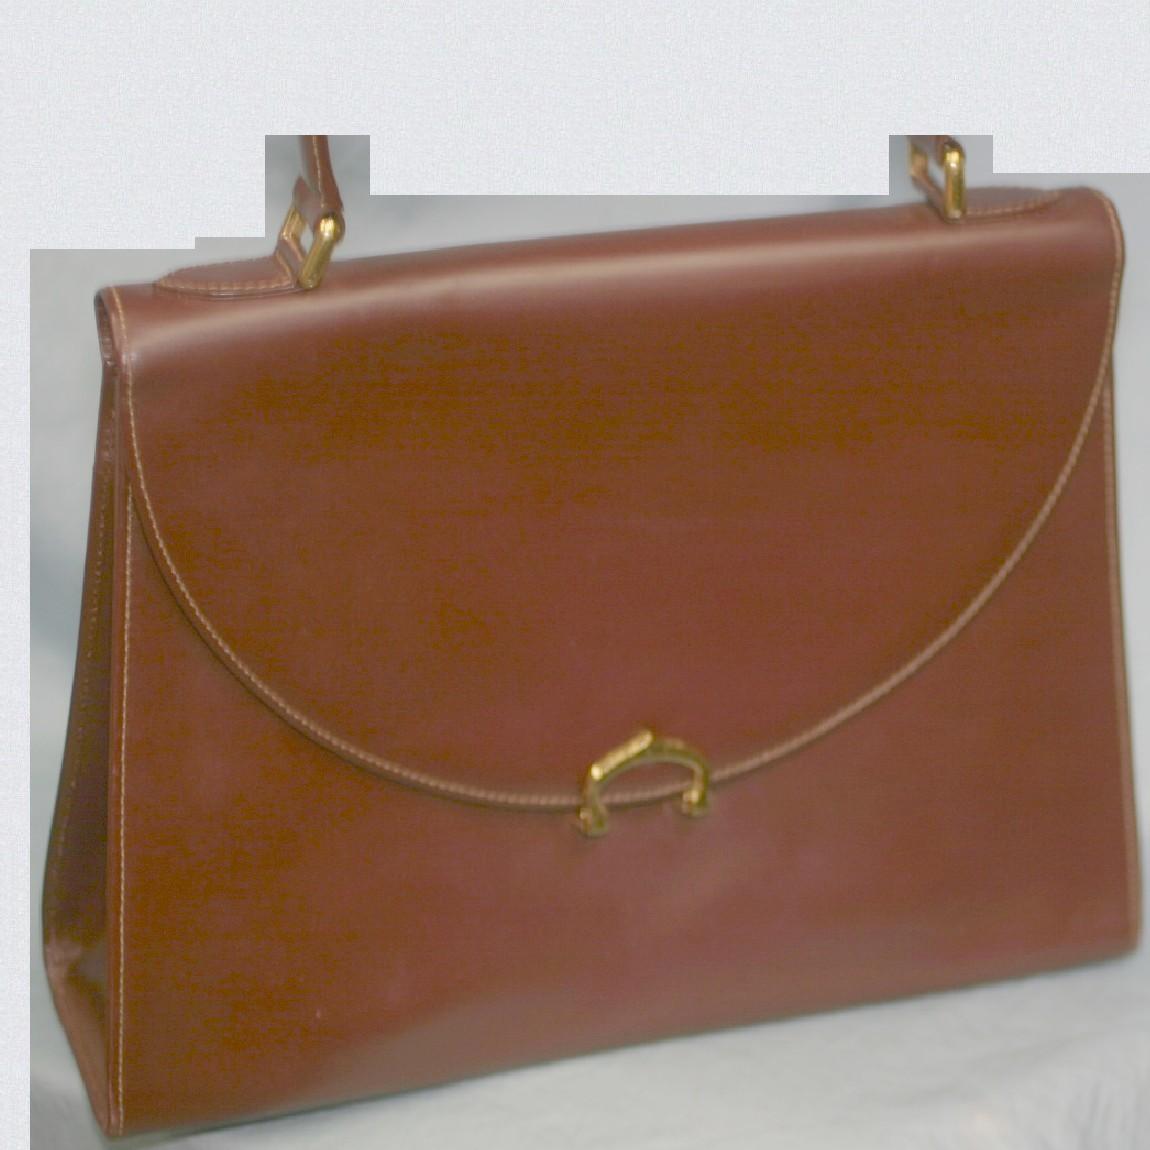 【中古】本物綺麗カルティエ女性用ボルドー色革台形31センチお洒落なハンドバッグ